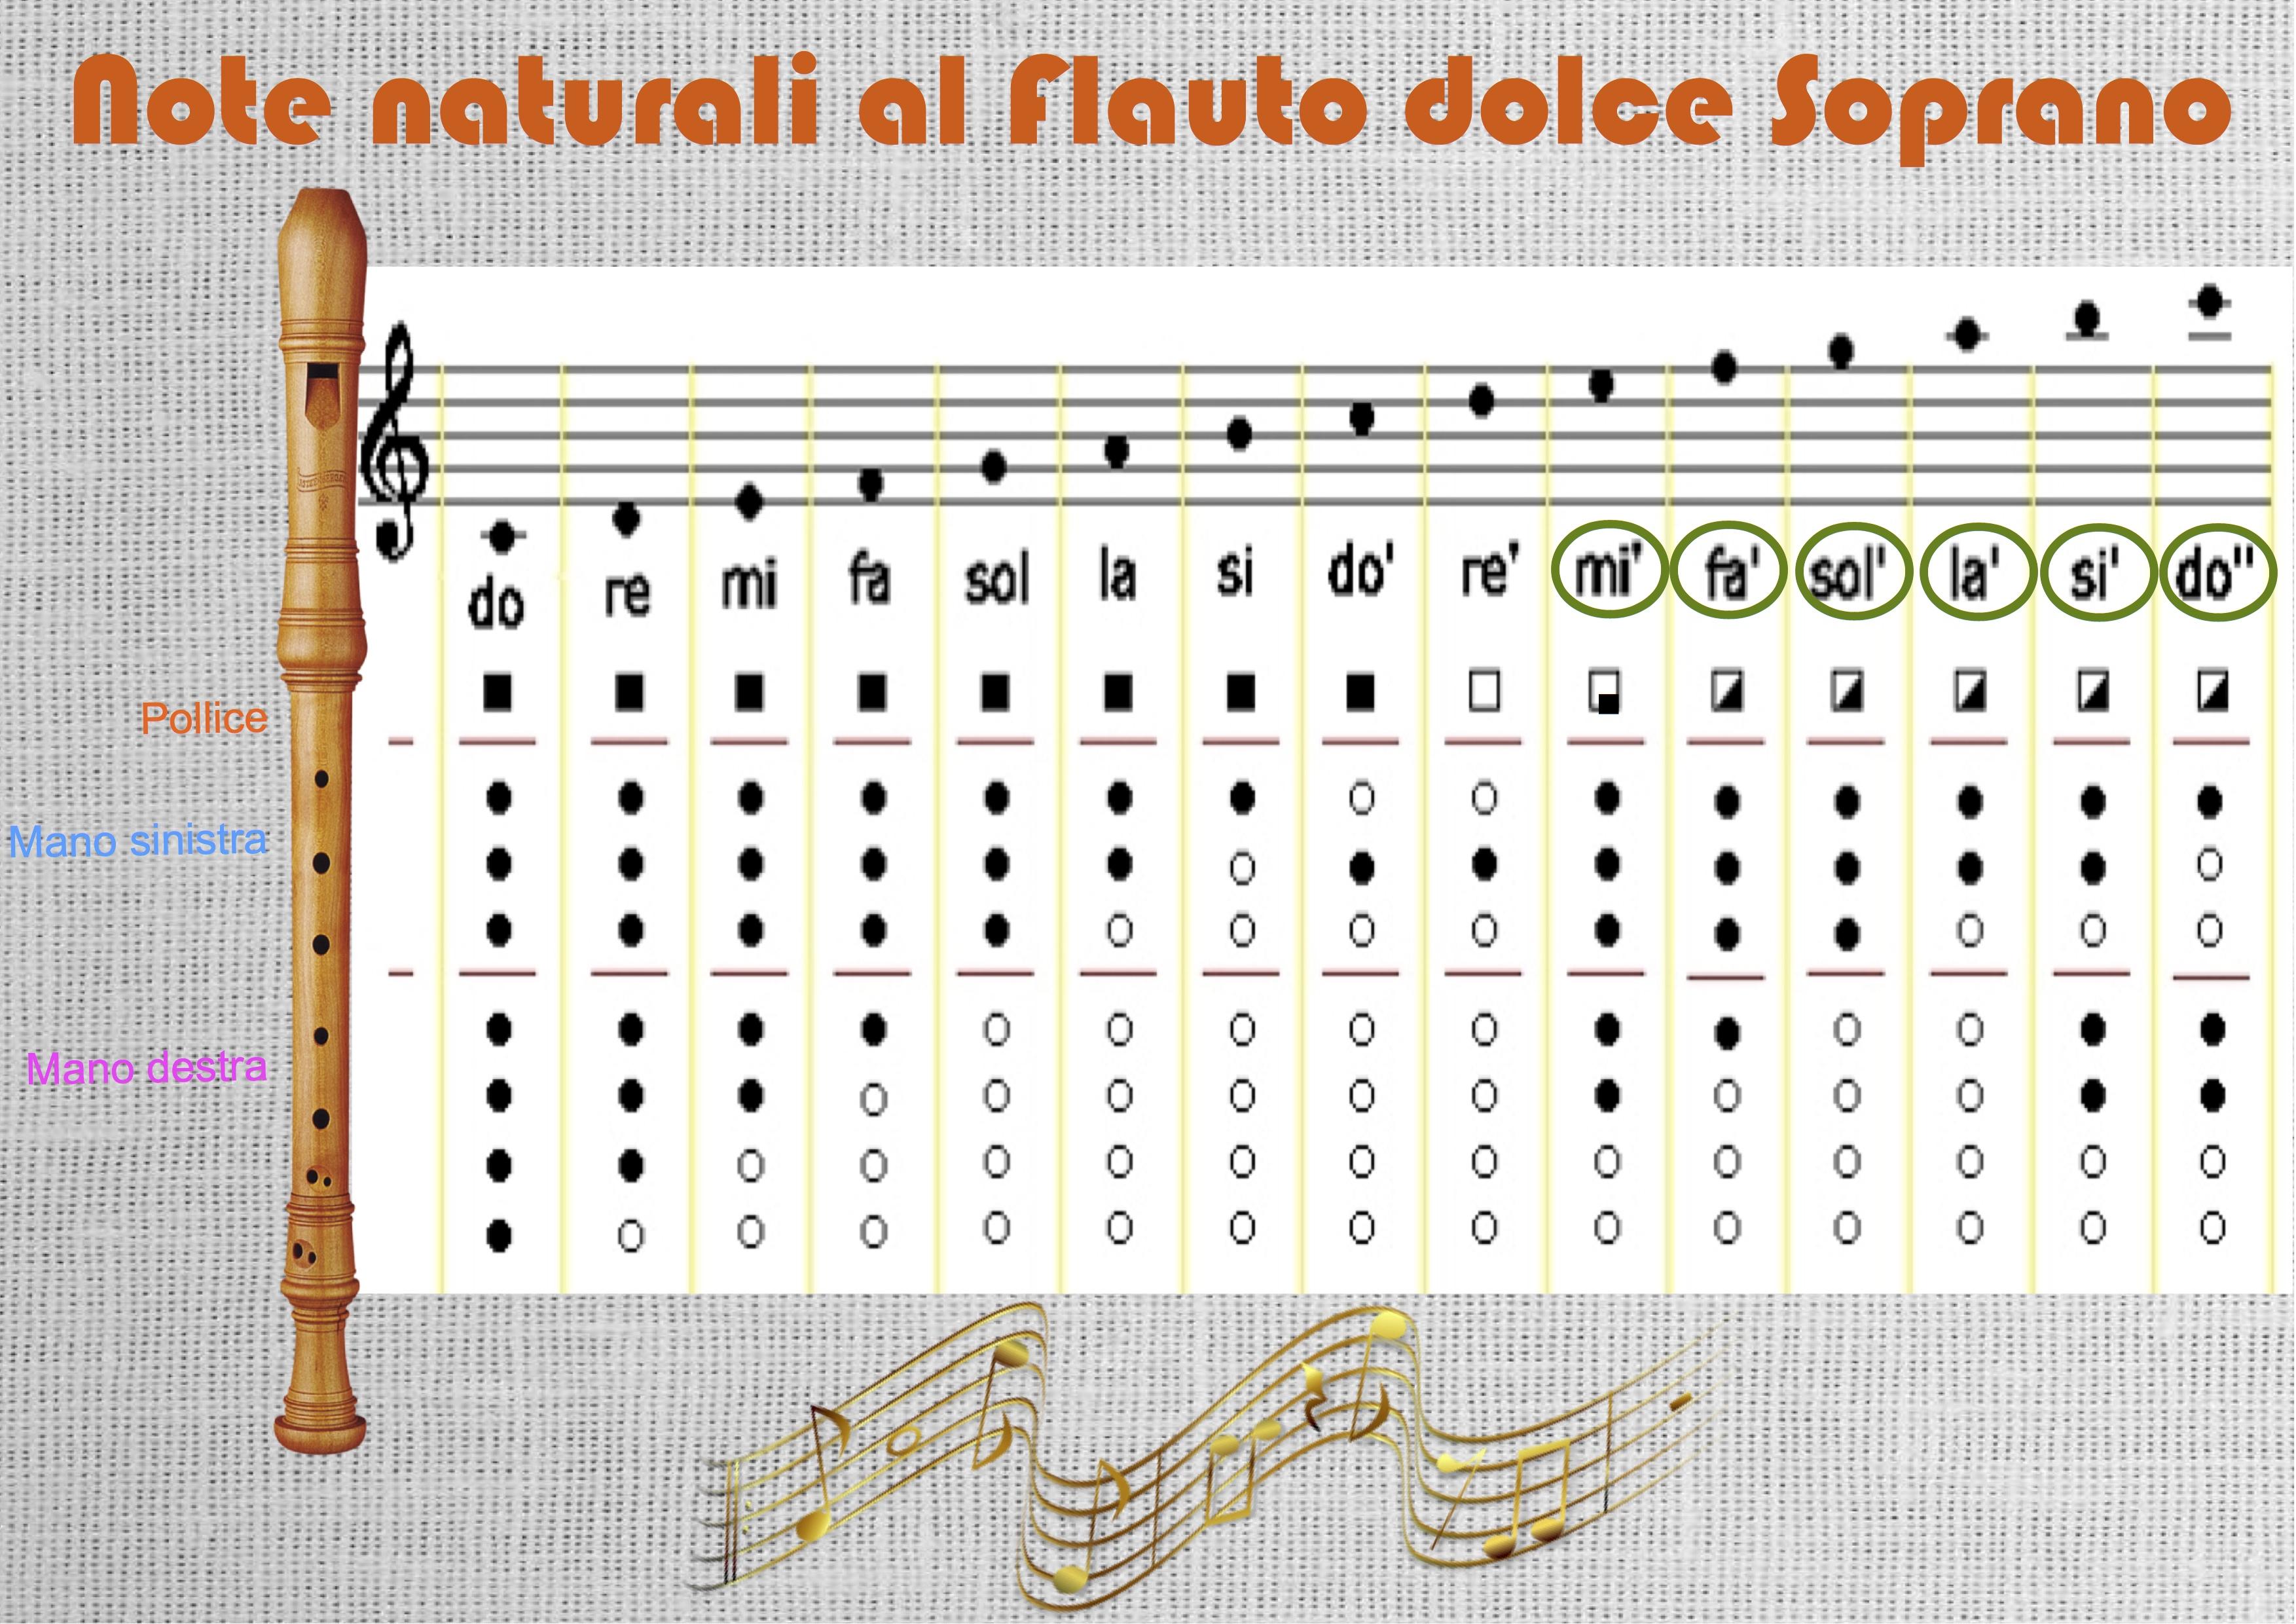 Tavola della diteggiatura note naturali al flauto dolce - Tavola posizioni flauto traverso ...